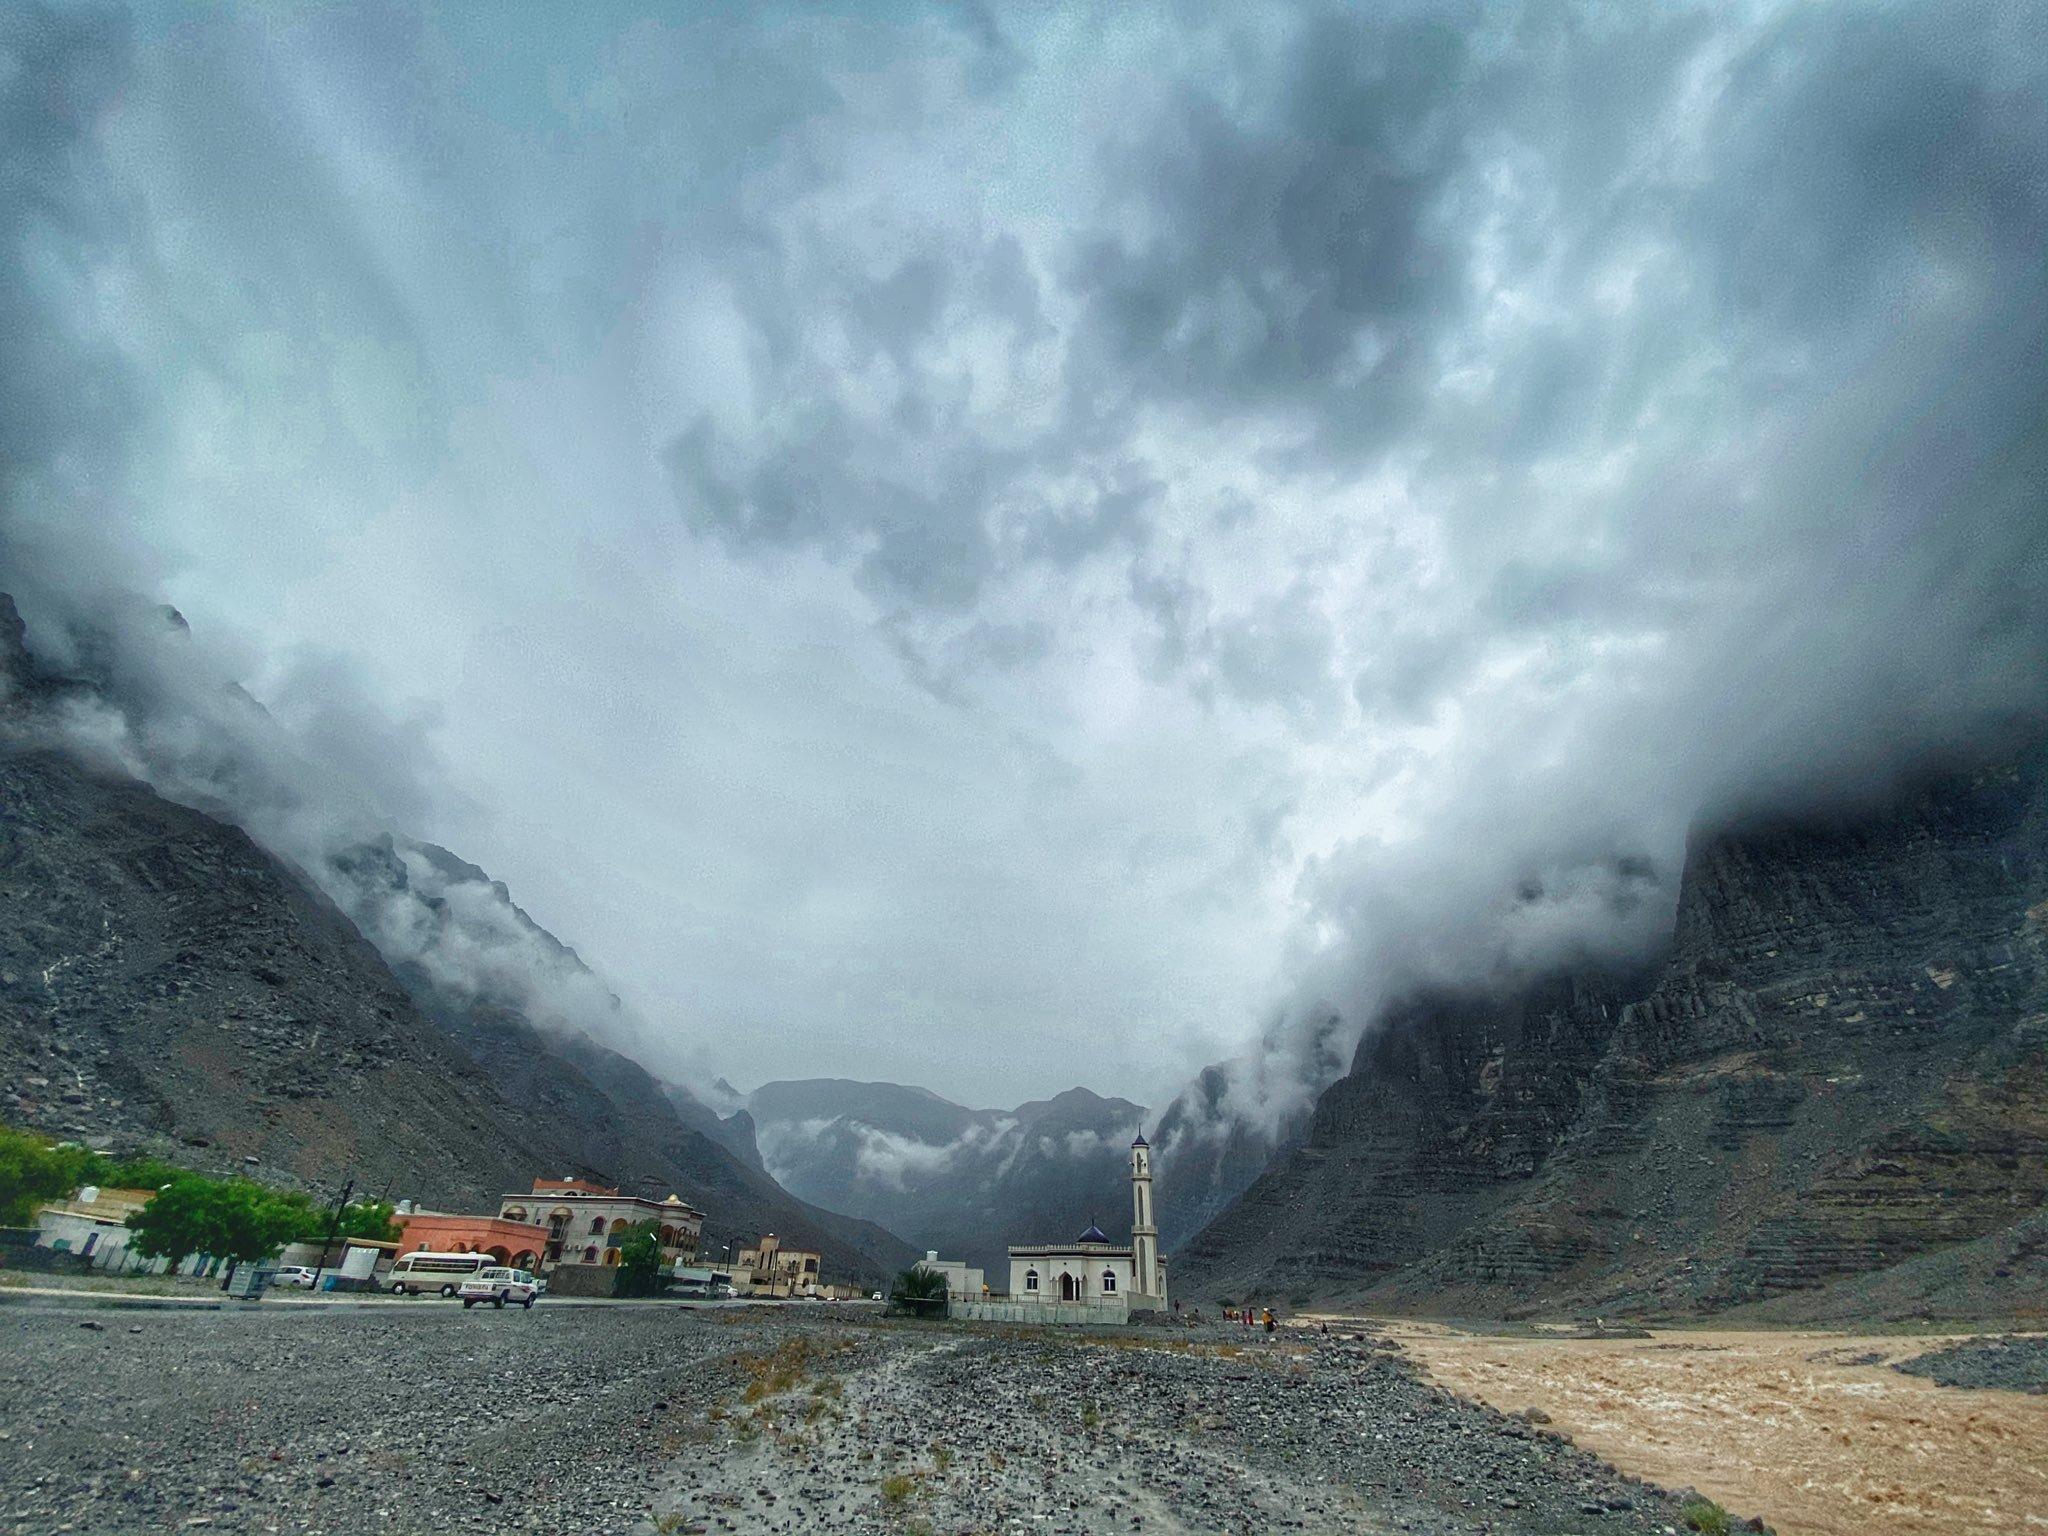 أمطار غزيرة إلى متوسطة على ولايات محافظة مسندم